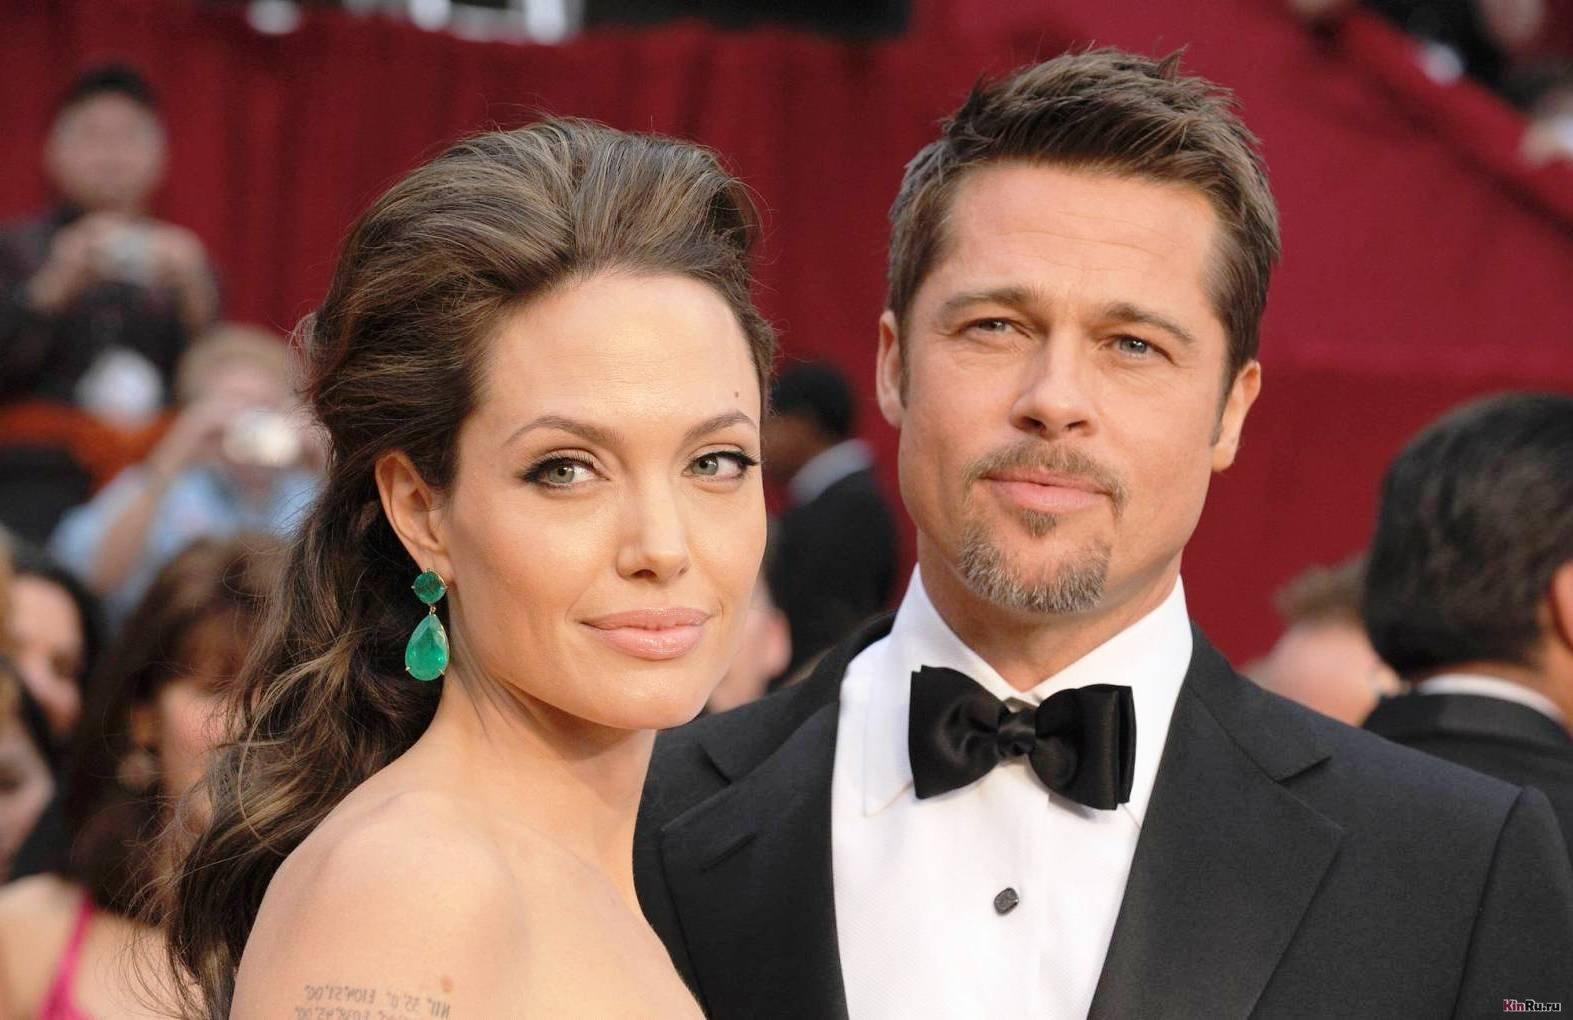 Брэд Питт и Анджелина Джоли продали свои свадебные фото в ... брэд питт и анджелина джоли